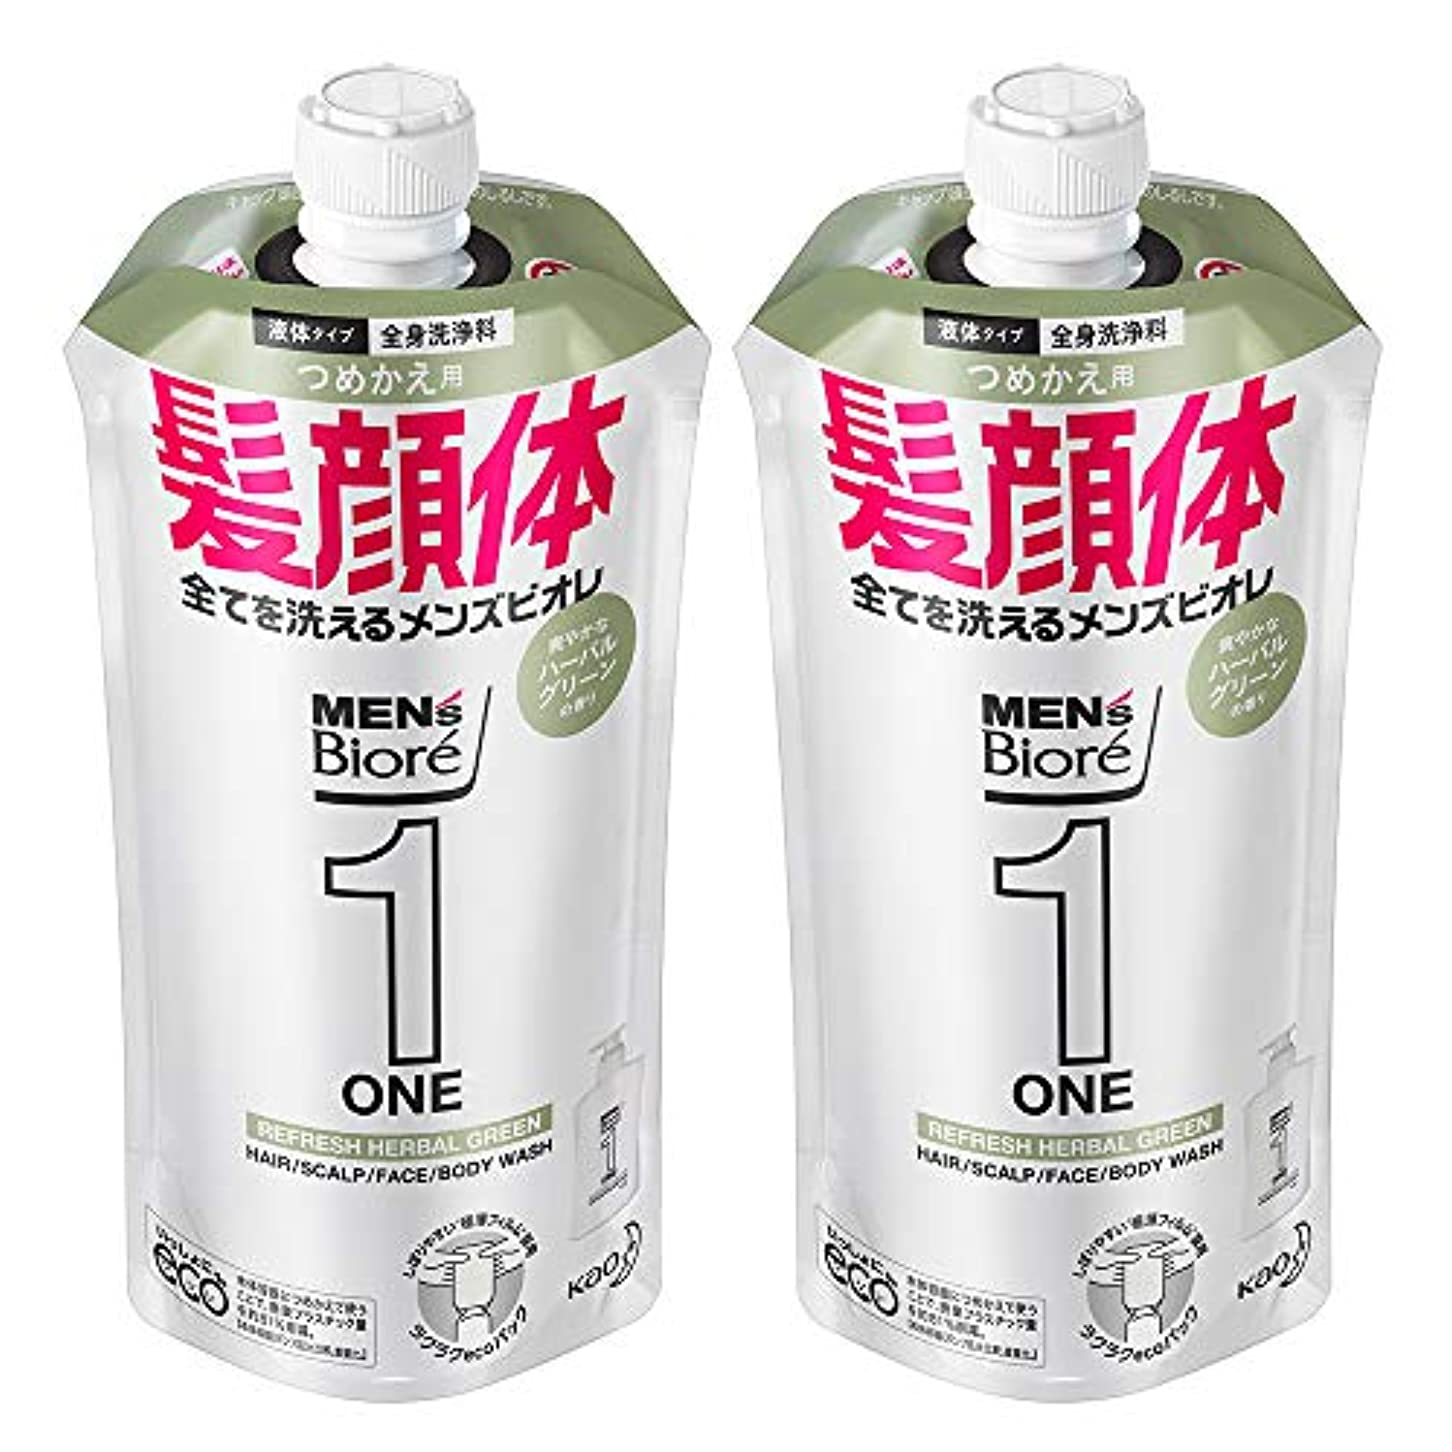 パワーセル天才学部長【まとめ買い】メンズビオレ ONE オールインワン全身洗浄料 ハーバルグリーンの香り つめかえ用 340ml×2個